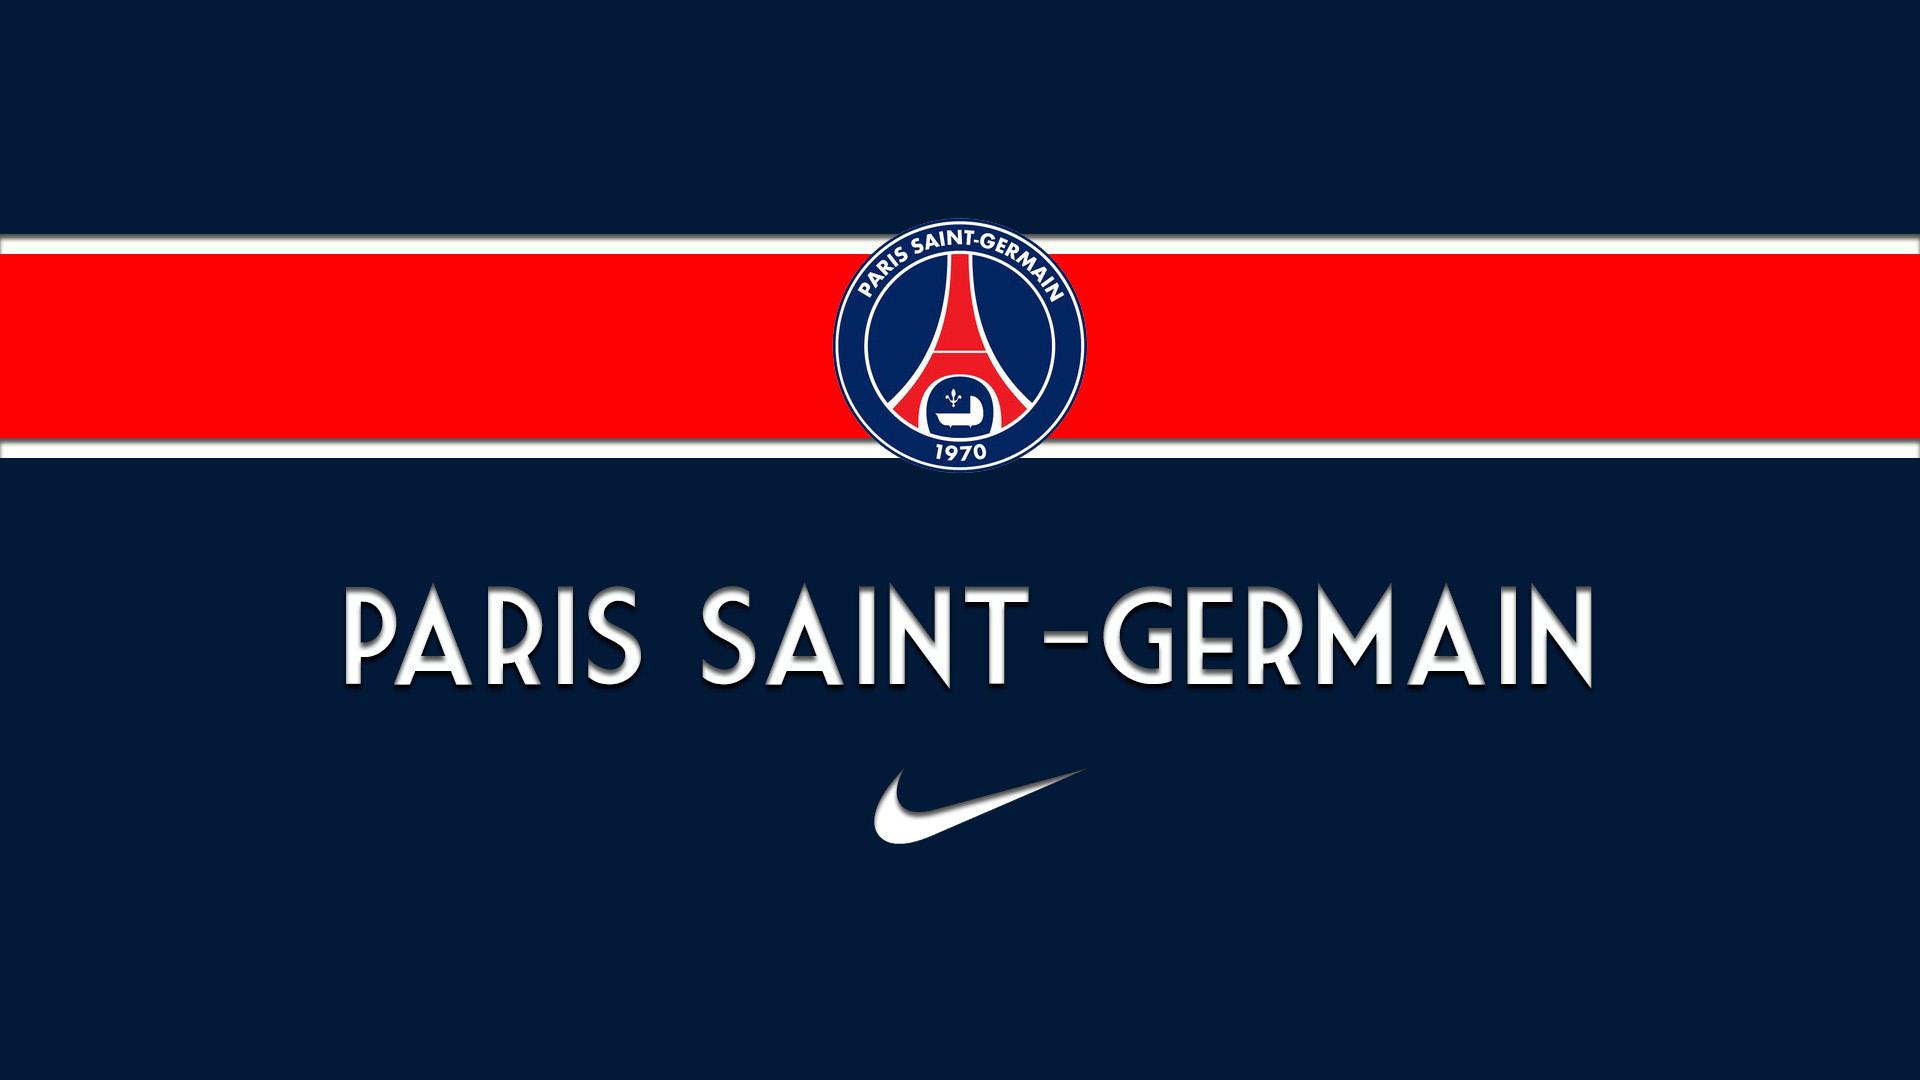 Free Download Paris Saint Germain Fc Wallpaper 7 1920 X 1080